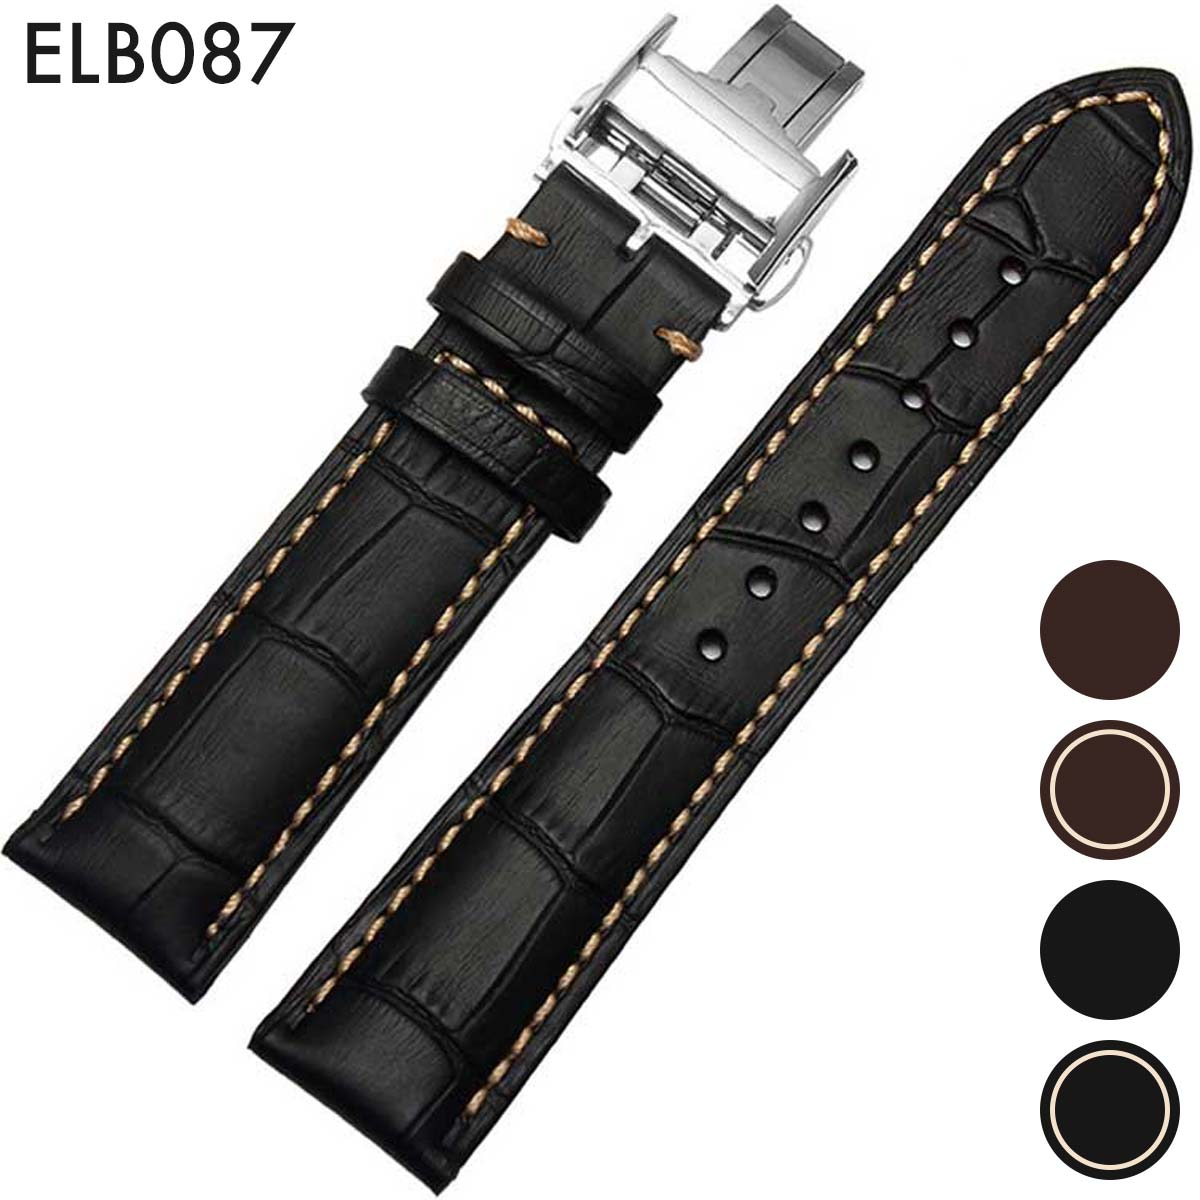 腕時計ベルト 腕時計バンド 替えストラップ 社外品 汎用レザーベルト 革ベルト 取付幅18mm/19mm/20mm/21mm/22mm 適用: LONGINES ロンジン [L2/L4] (尾錠)Dバックル付き [ Eight - ELB087 ]